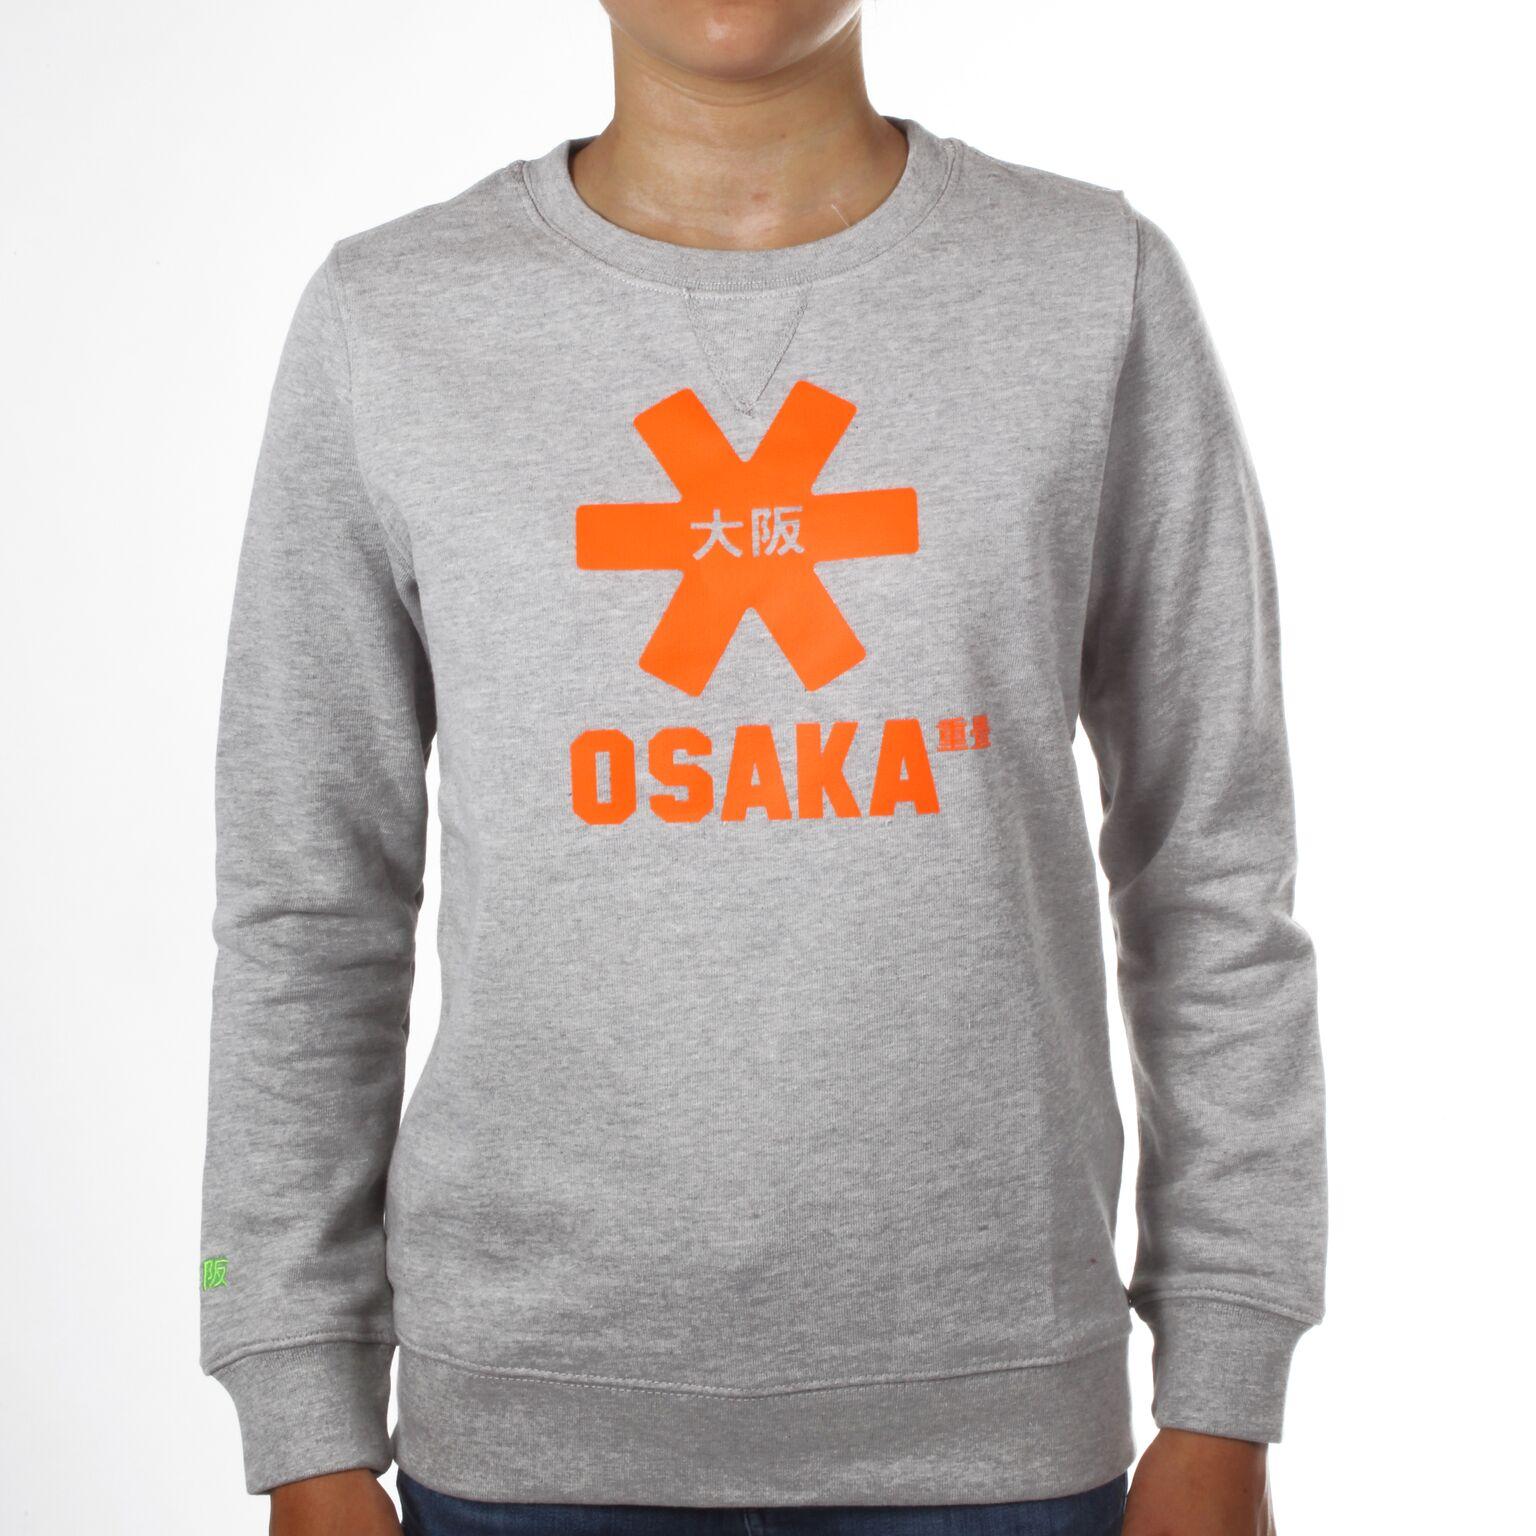 Osaka sweater kids Grey / Oranje